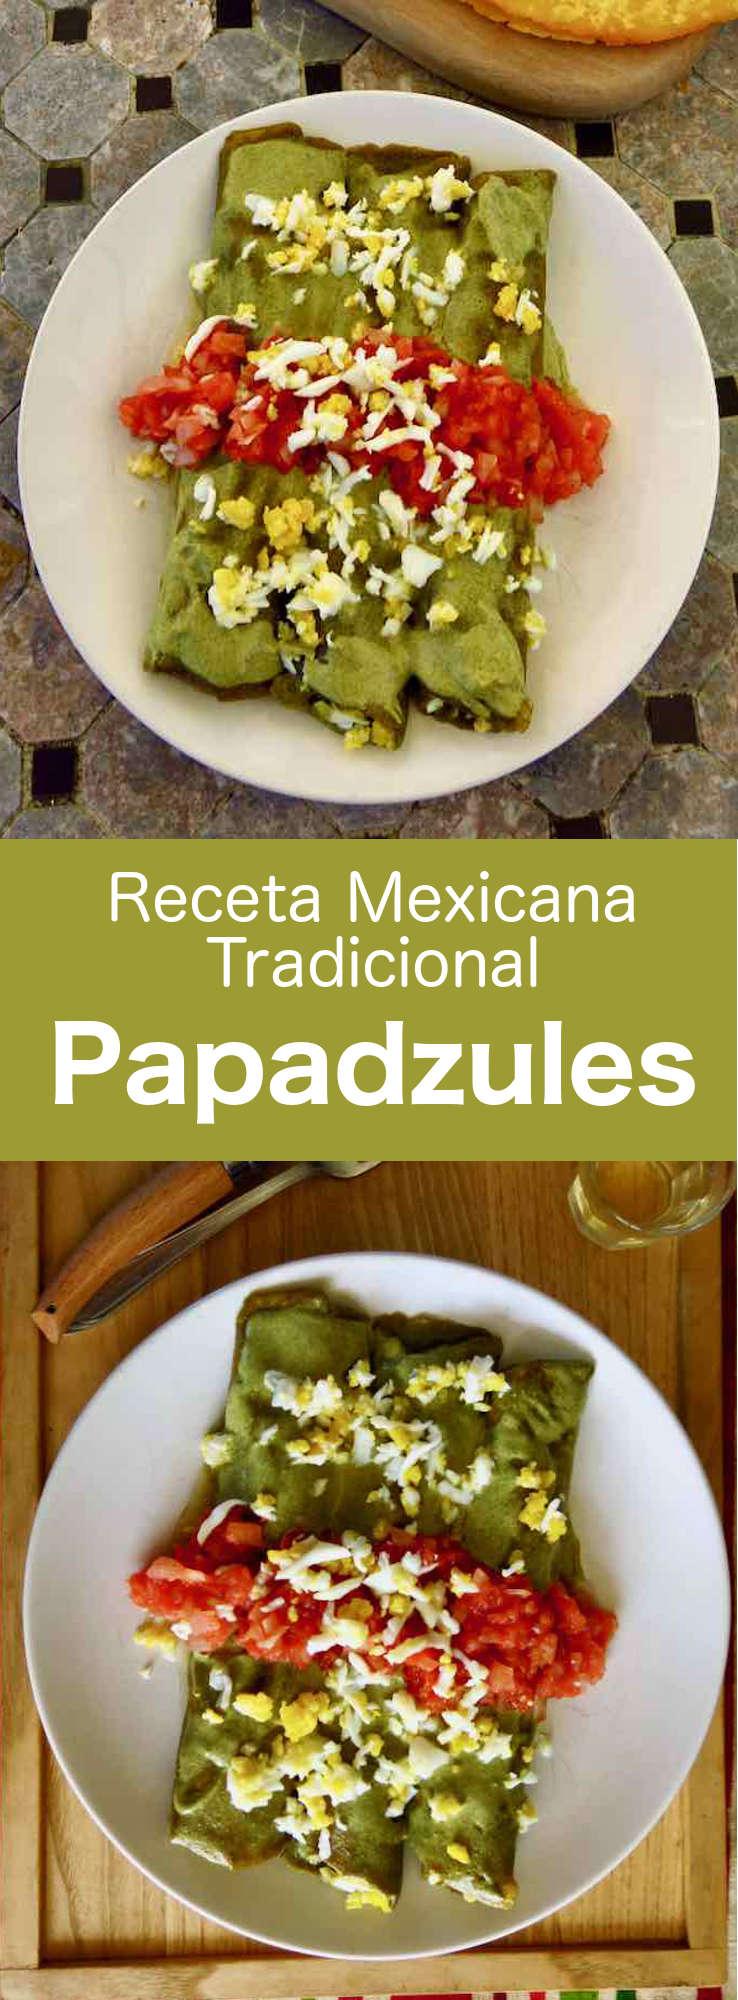 Las papadzules son deliciosas tortillas de maíz fritas, sumergidas en una salsa de calabaza asada, con huevos hervidos encima y salsa chiltomate.